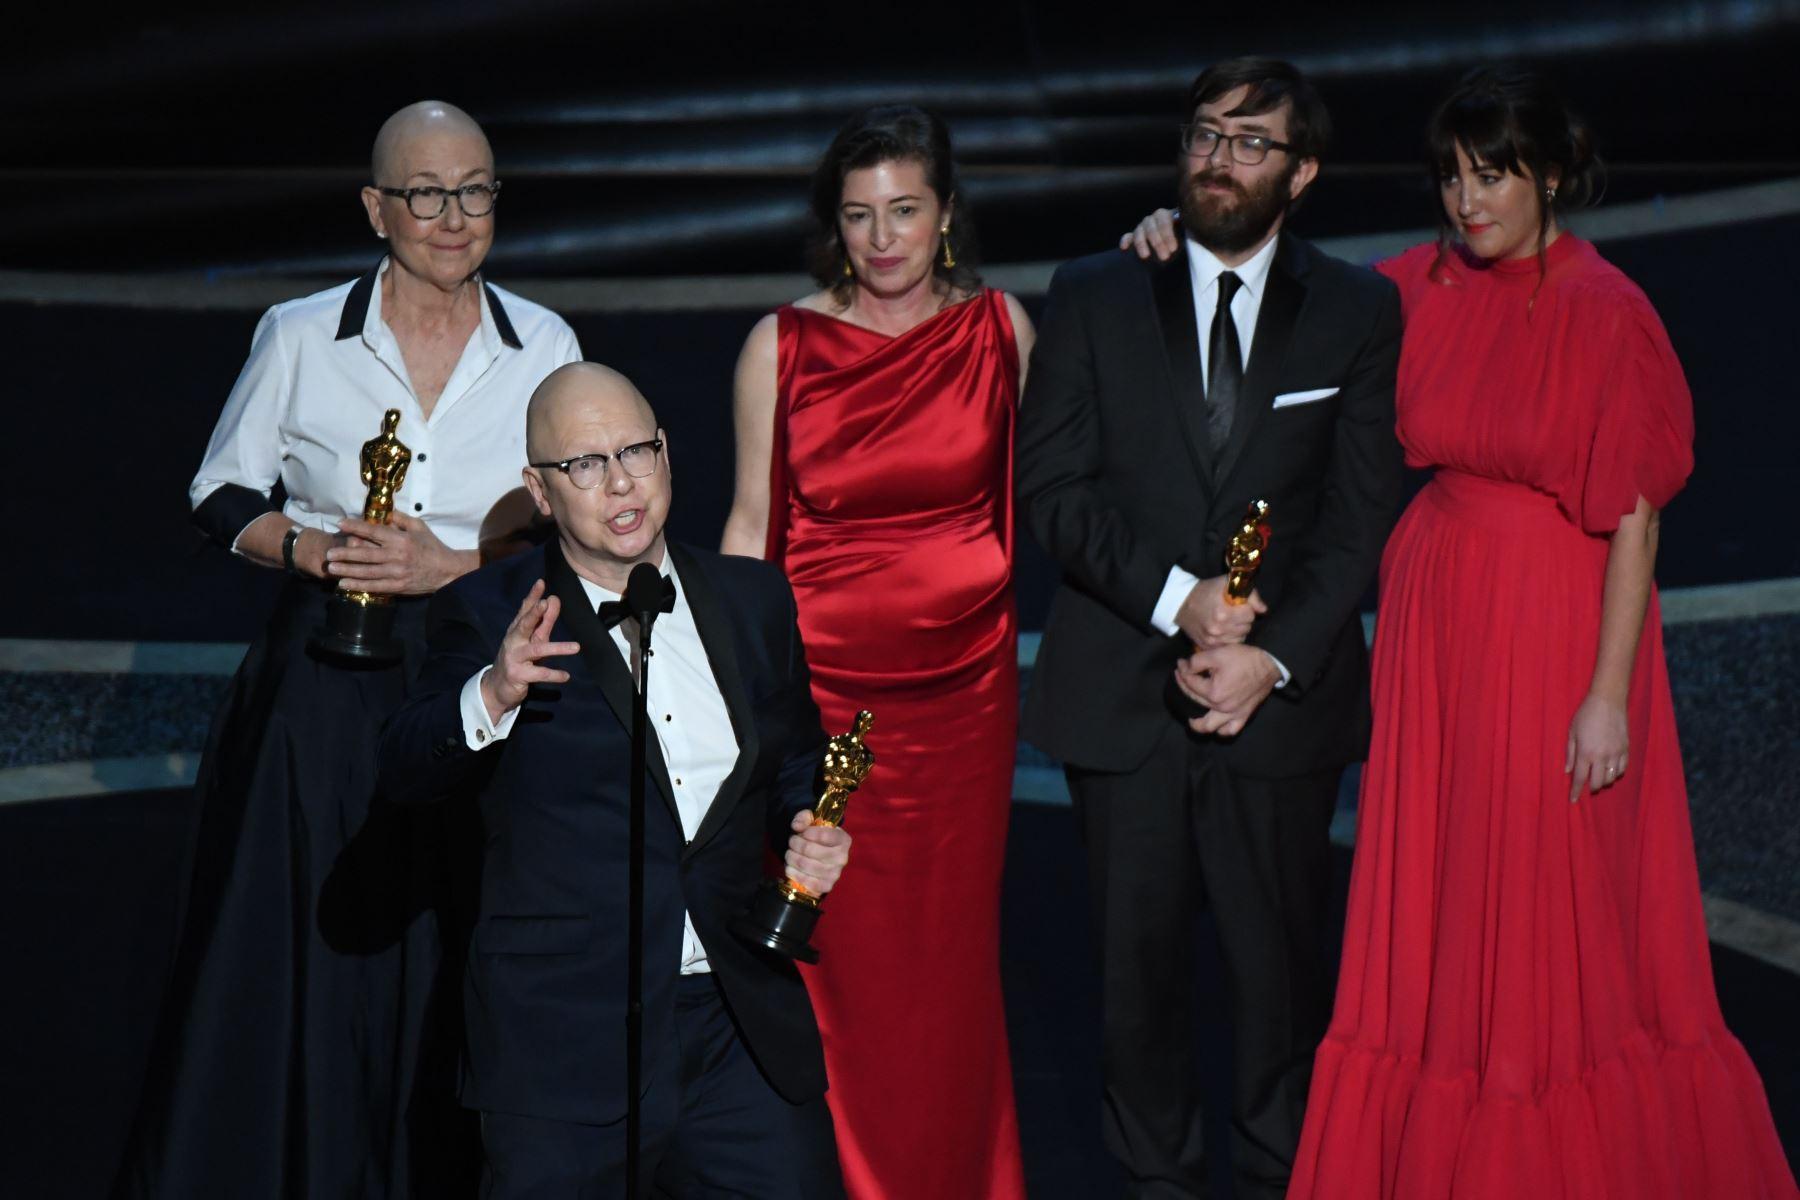 """Los directores estadounidenses Steven Bognar  y Julia Reichert aceptan el premio a la Mejor Película Documental para """"American Factory"""" durante los 92o Oscars en el Dolby Theatre de Hollywood, California. Foto: AFP"""